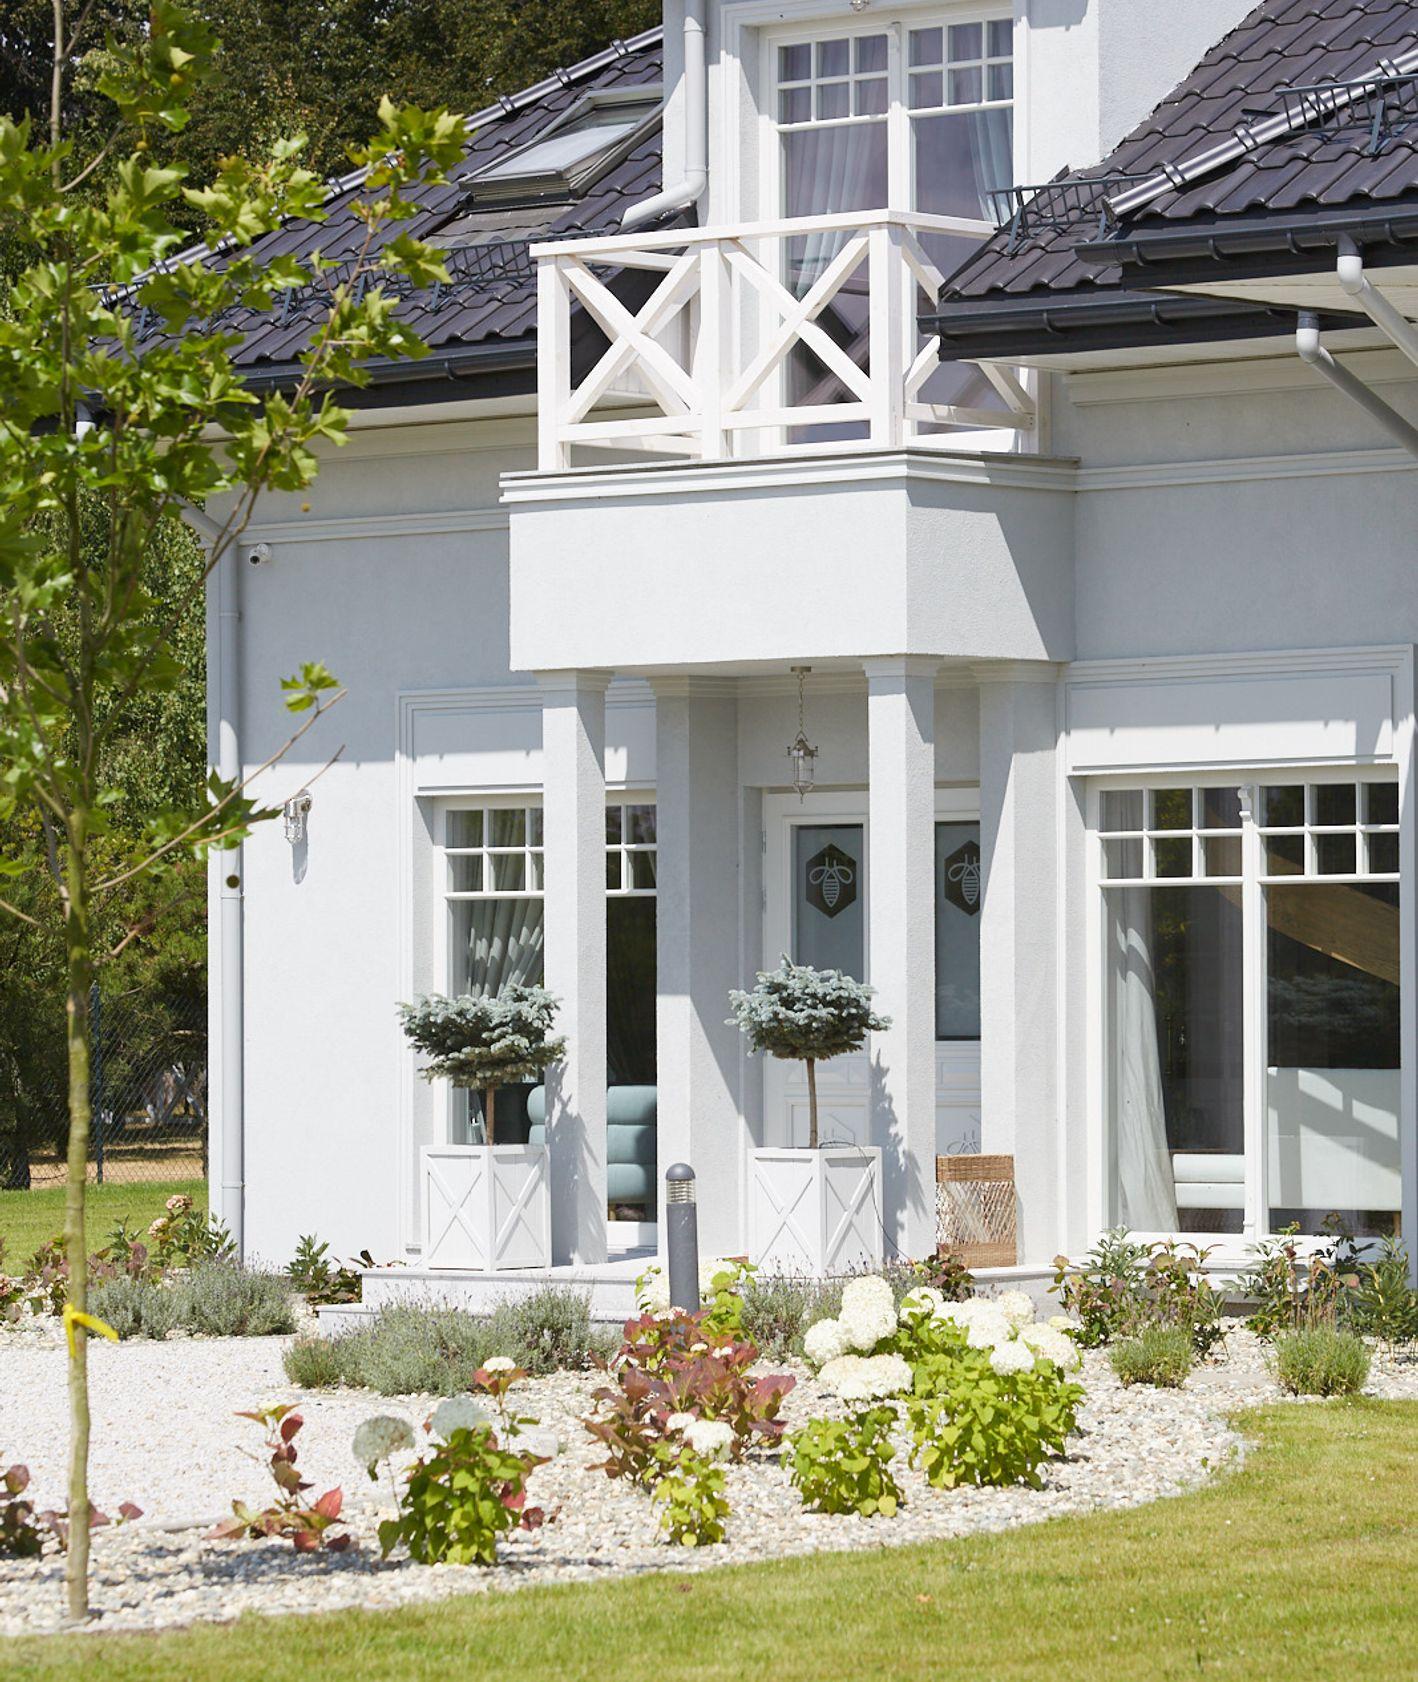 Wejście do pensjonatu Farma Bii (fot. Dinnershow Studio)